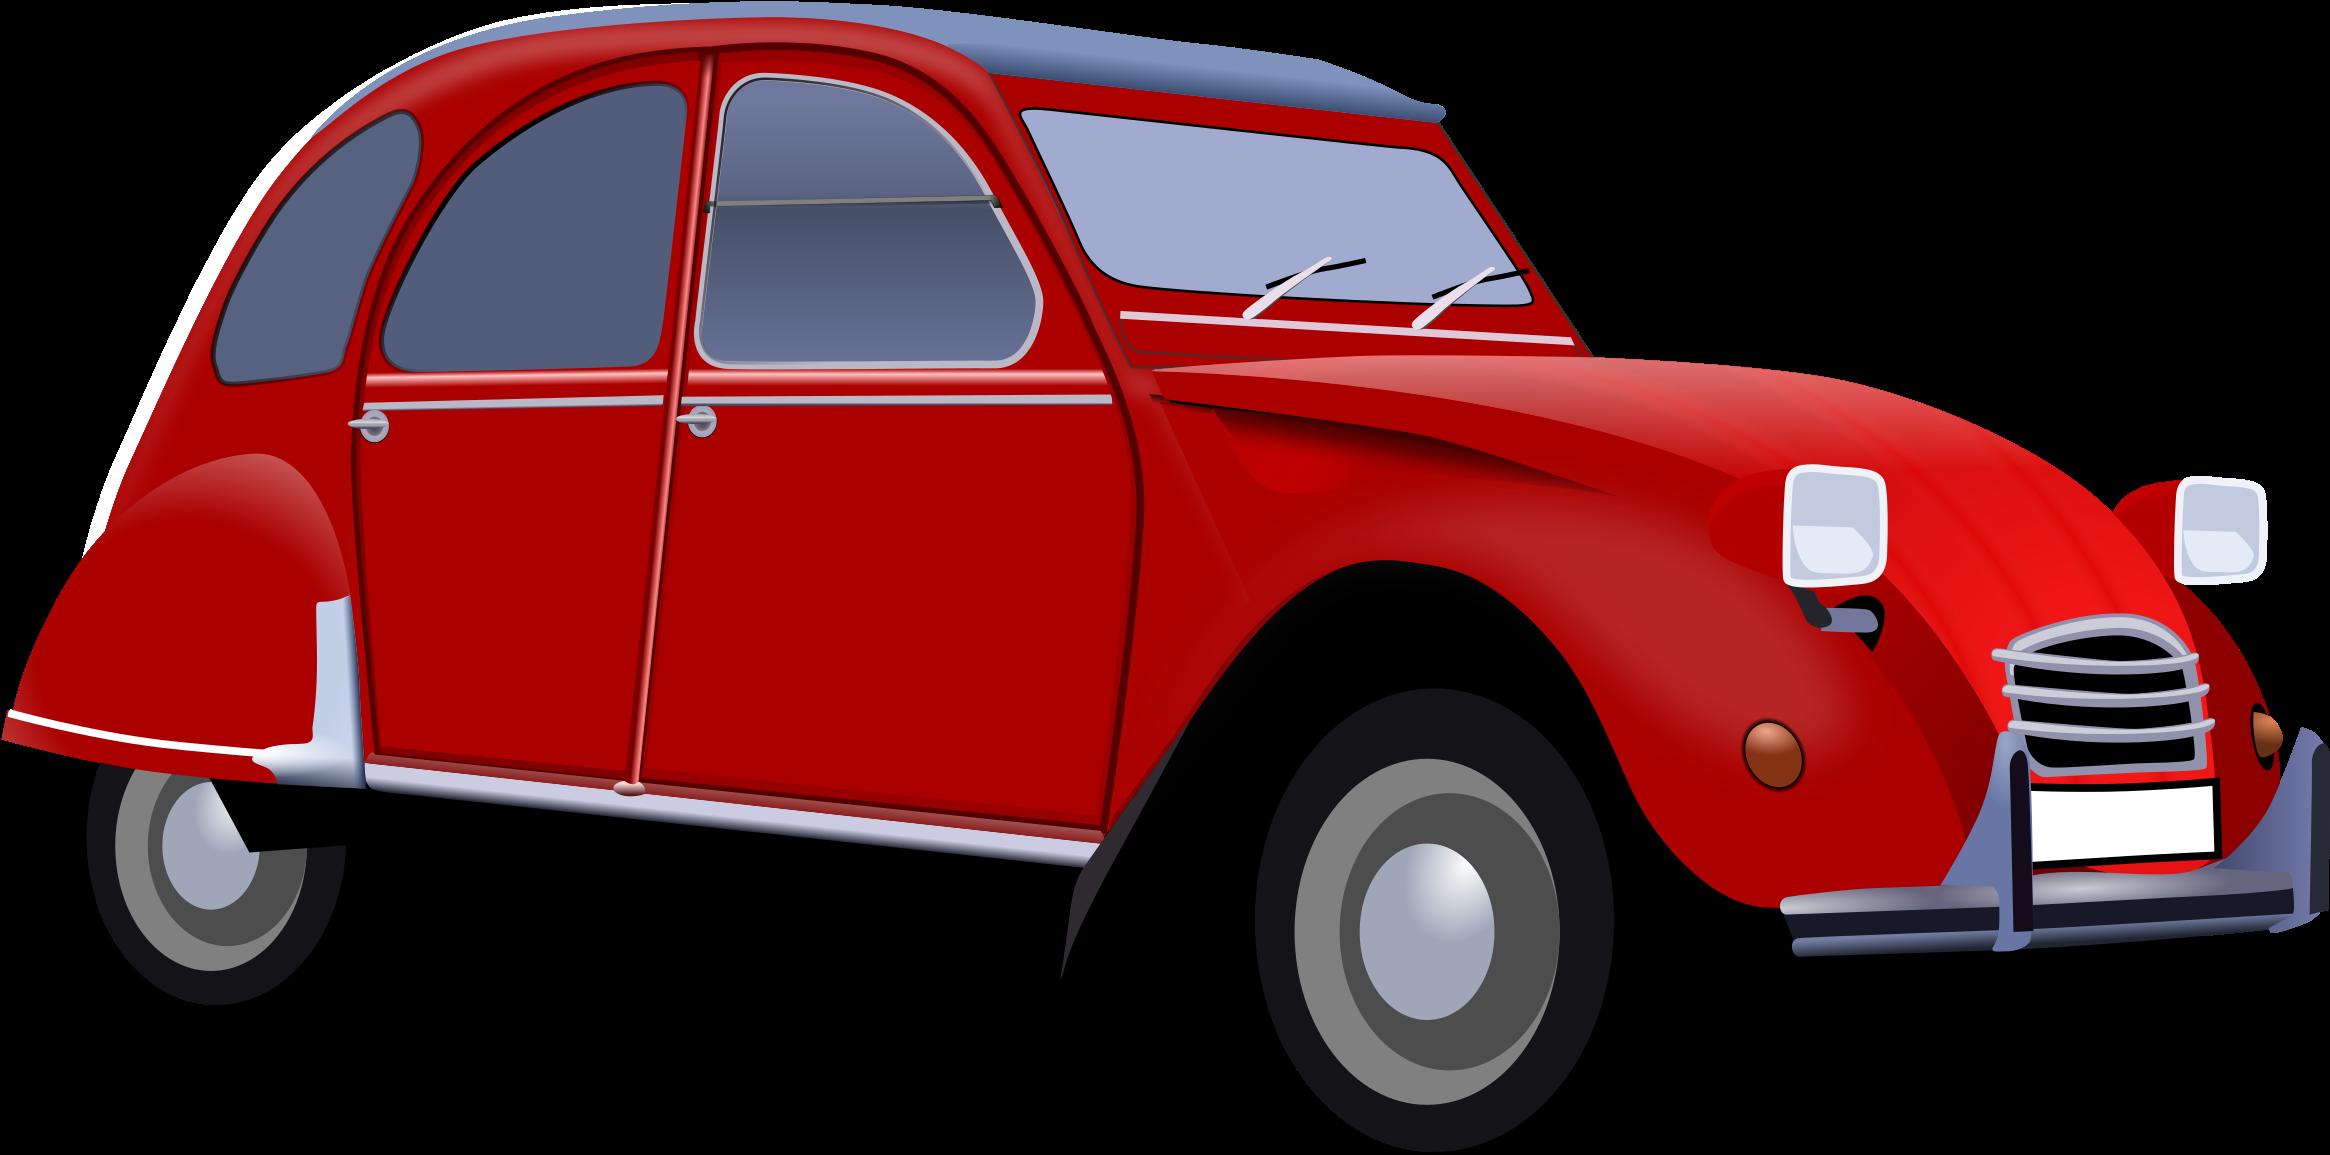 Картинка красная машинка для детей на прозрачном фоне